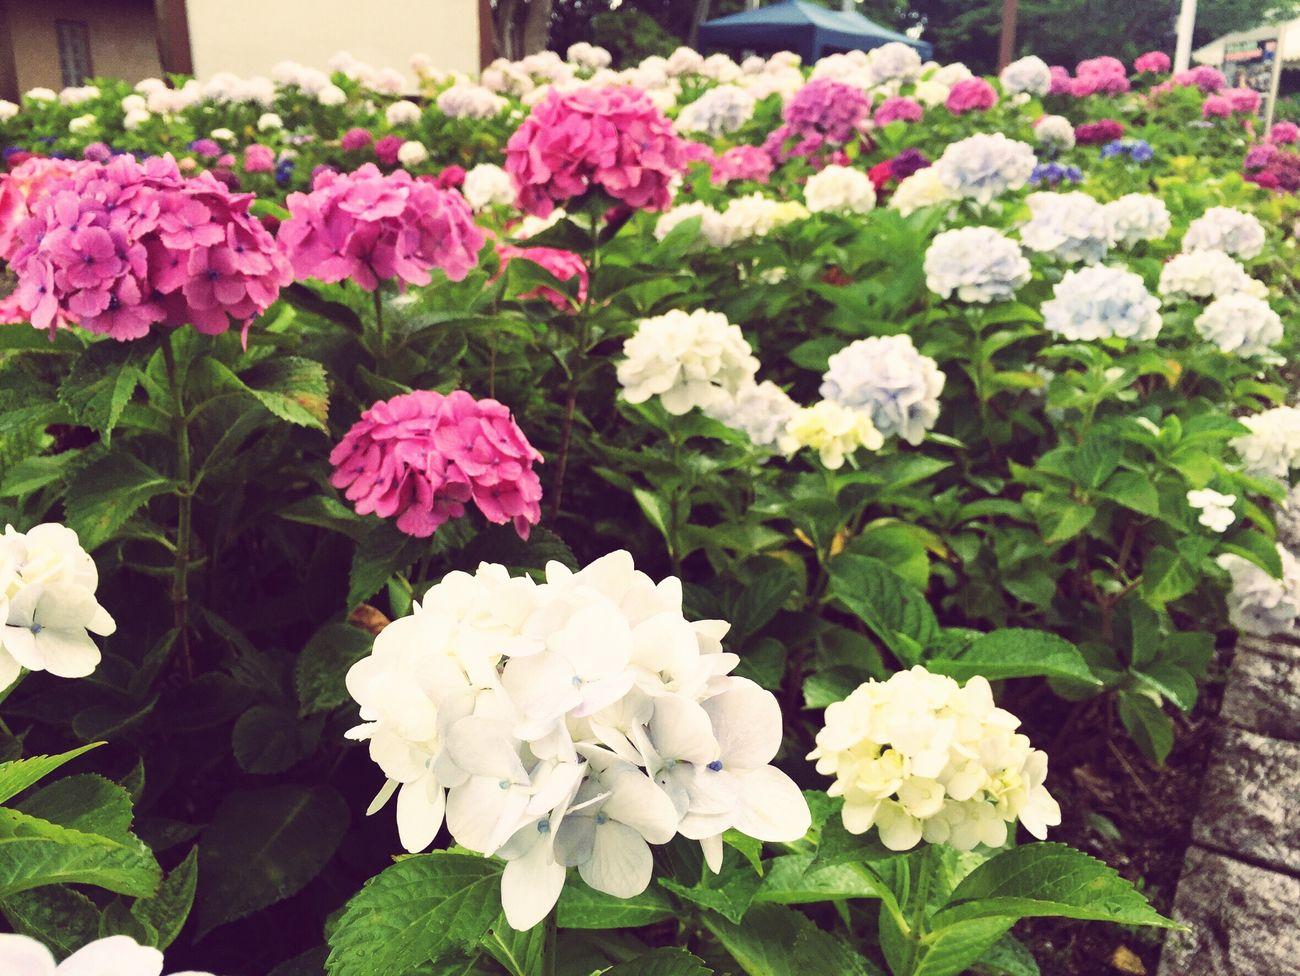 若松あじさい祭り Flower Plant Fragility Beauty In Nature Nature Freshness Growth Petal Flower Head Leaf Day Blooming Green Color Outdoors No People Close-up Hydrangea Fukuoka Fukuoka,Japan Kitakyushu